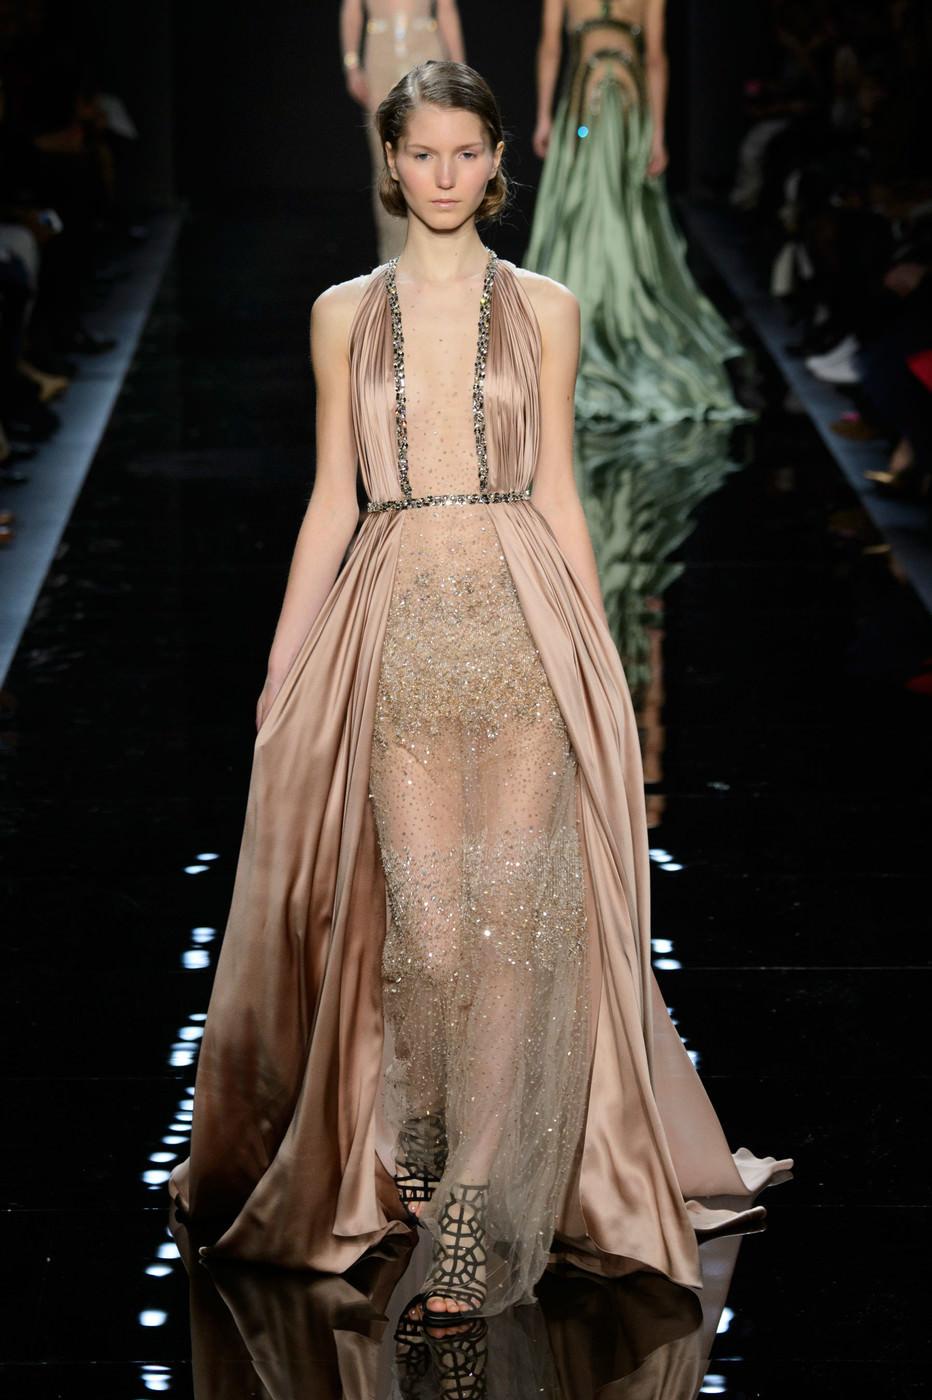 Модель для показа платьев